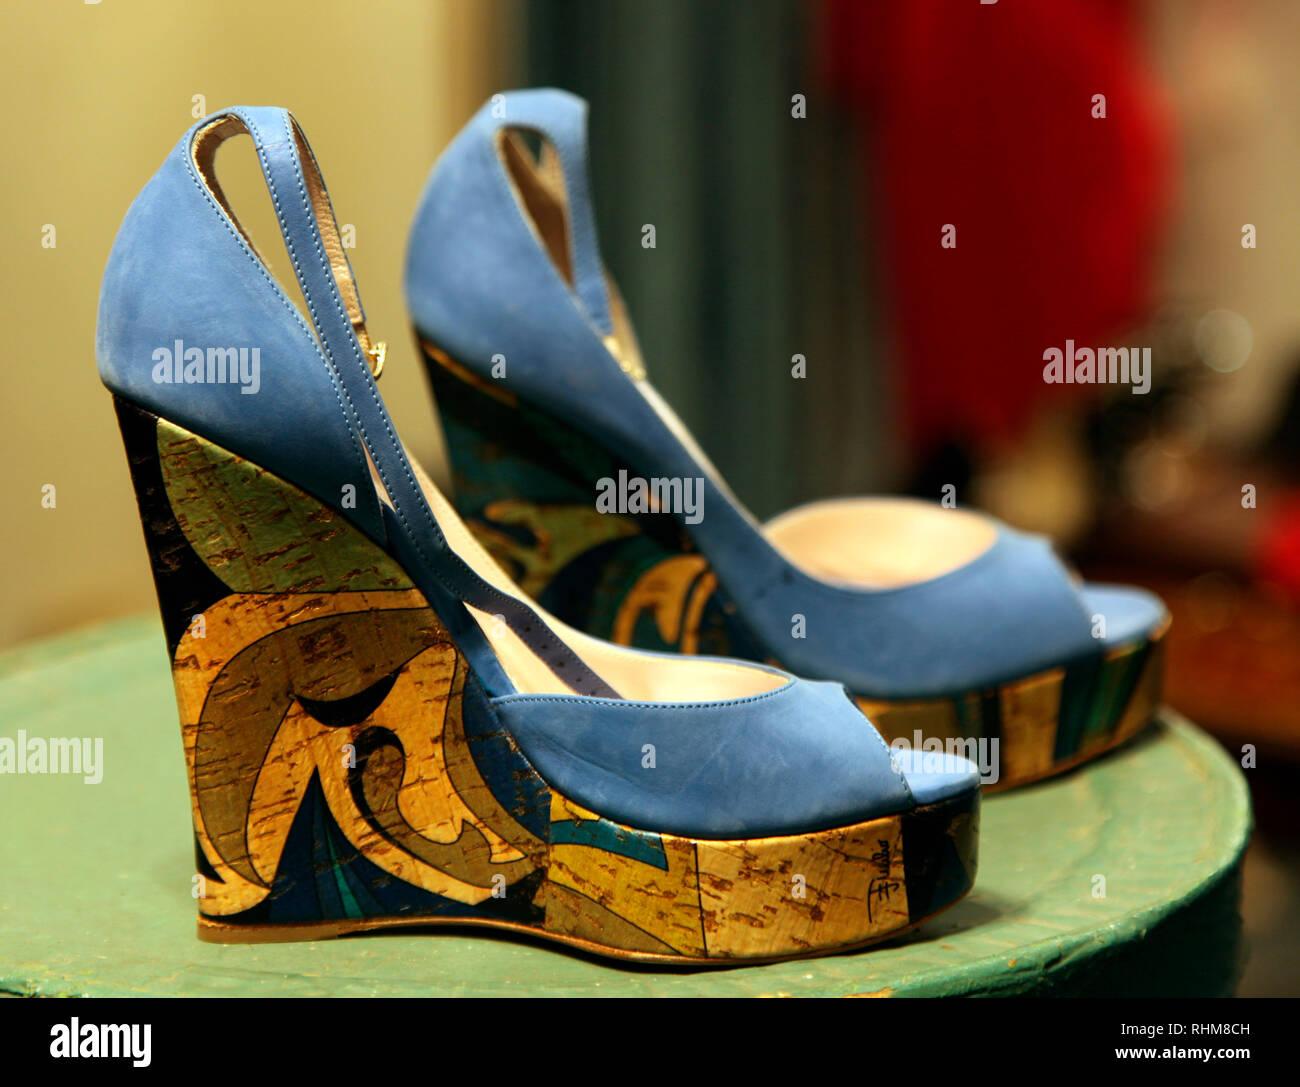 Chaussures de plate-forme par Pucci, en vente à la boutique Yard, Portlaoise, Irlande Photo Stock